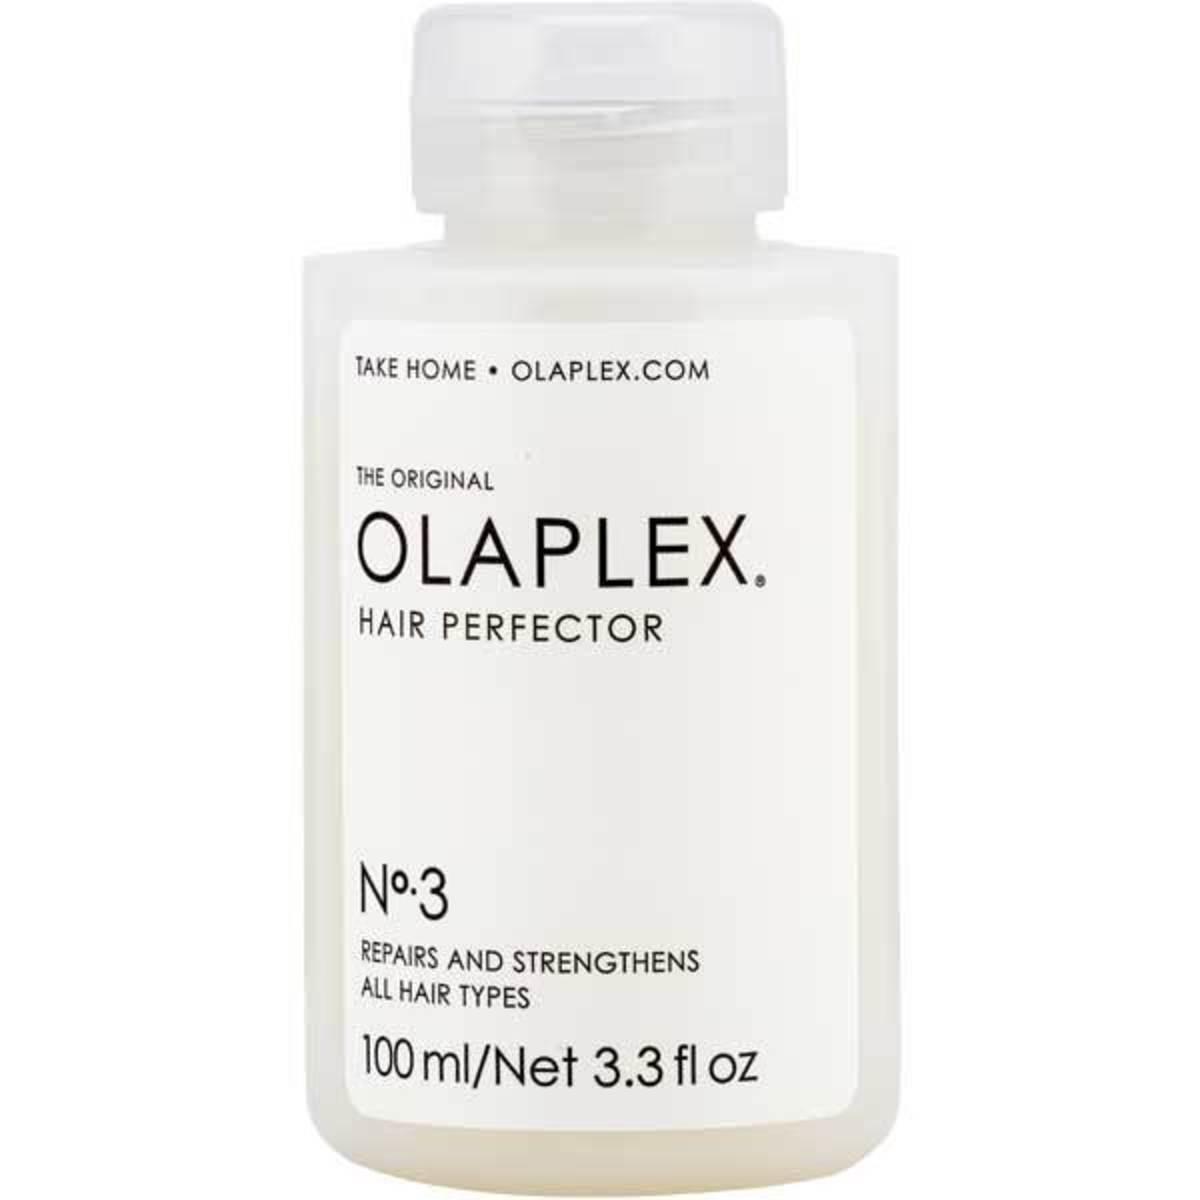 Olaplex Hair Perfector No. 3, $28, available here.